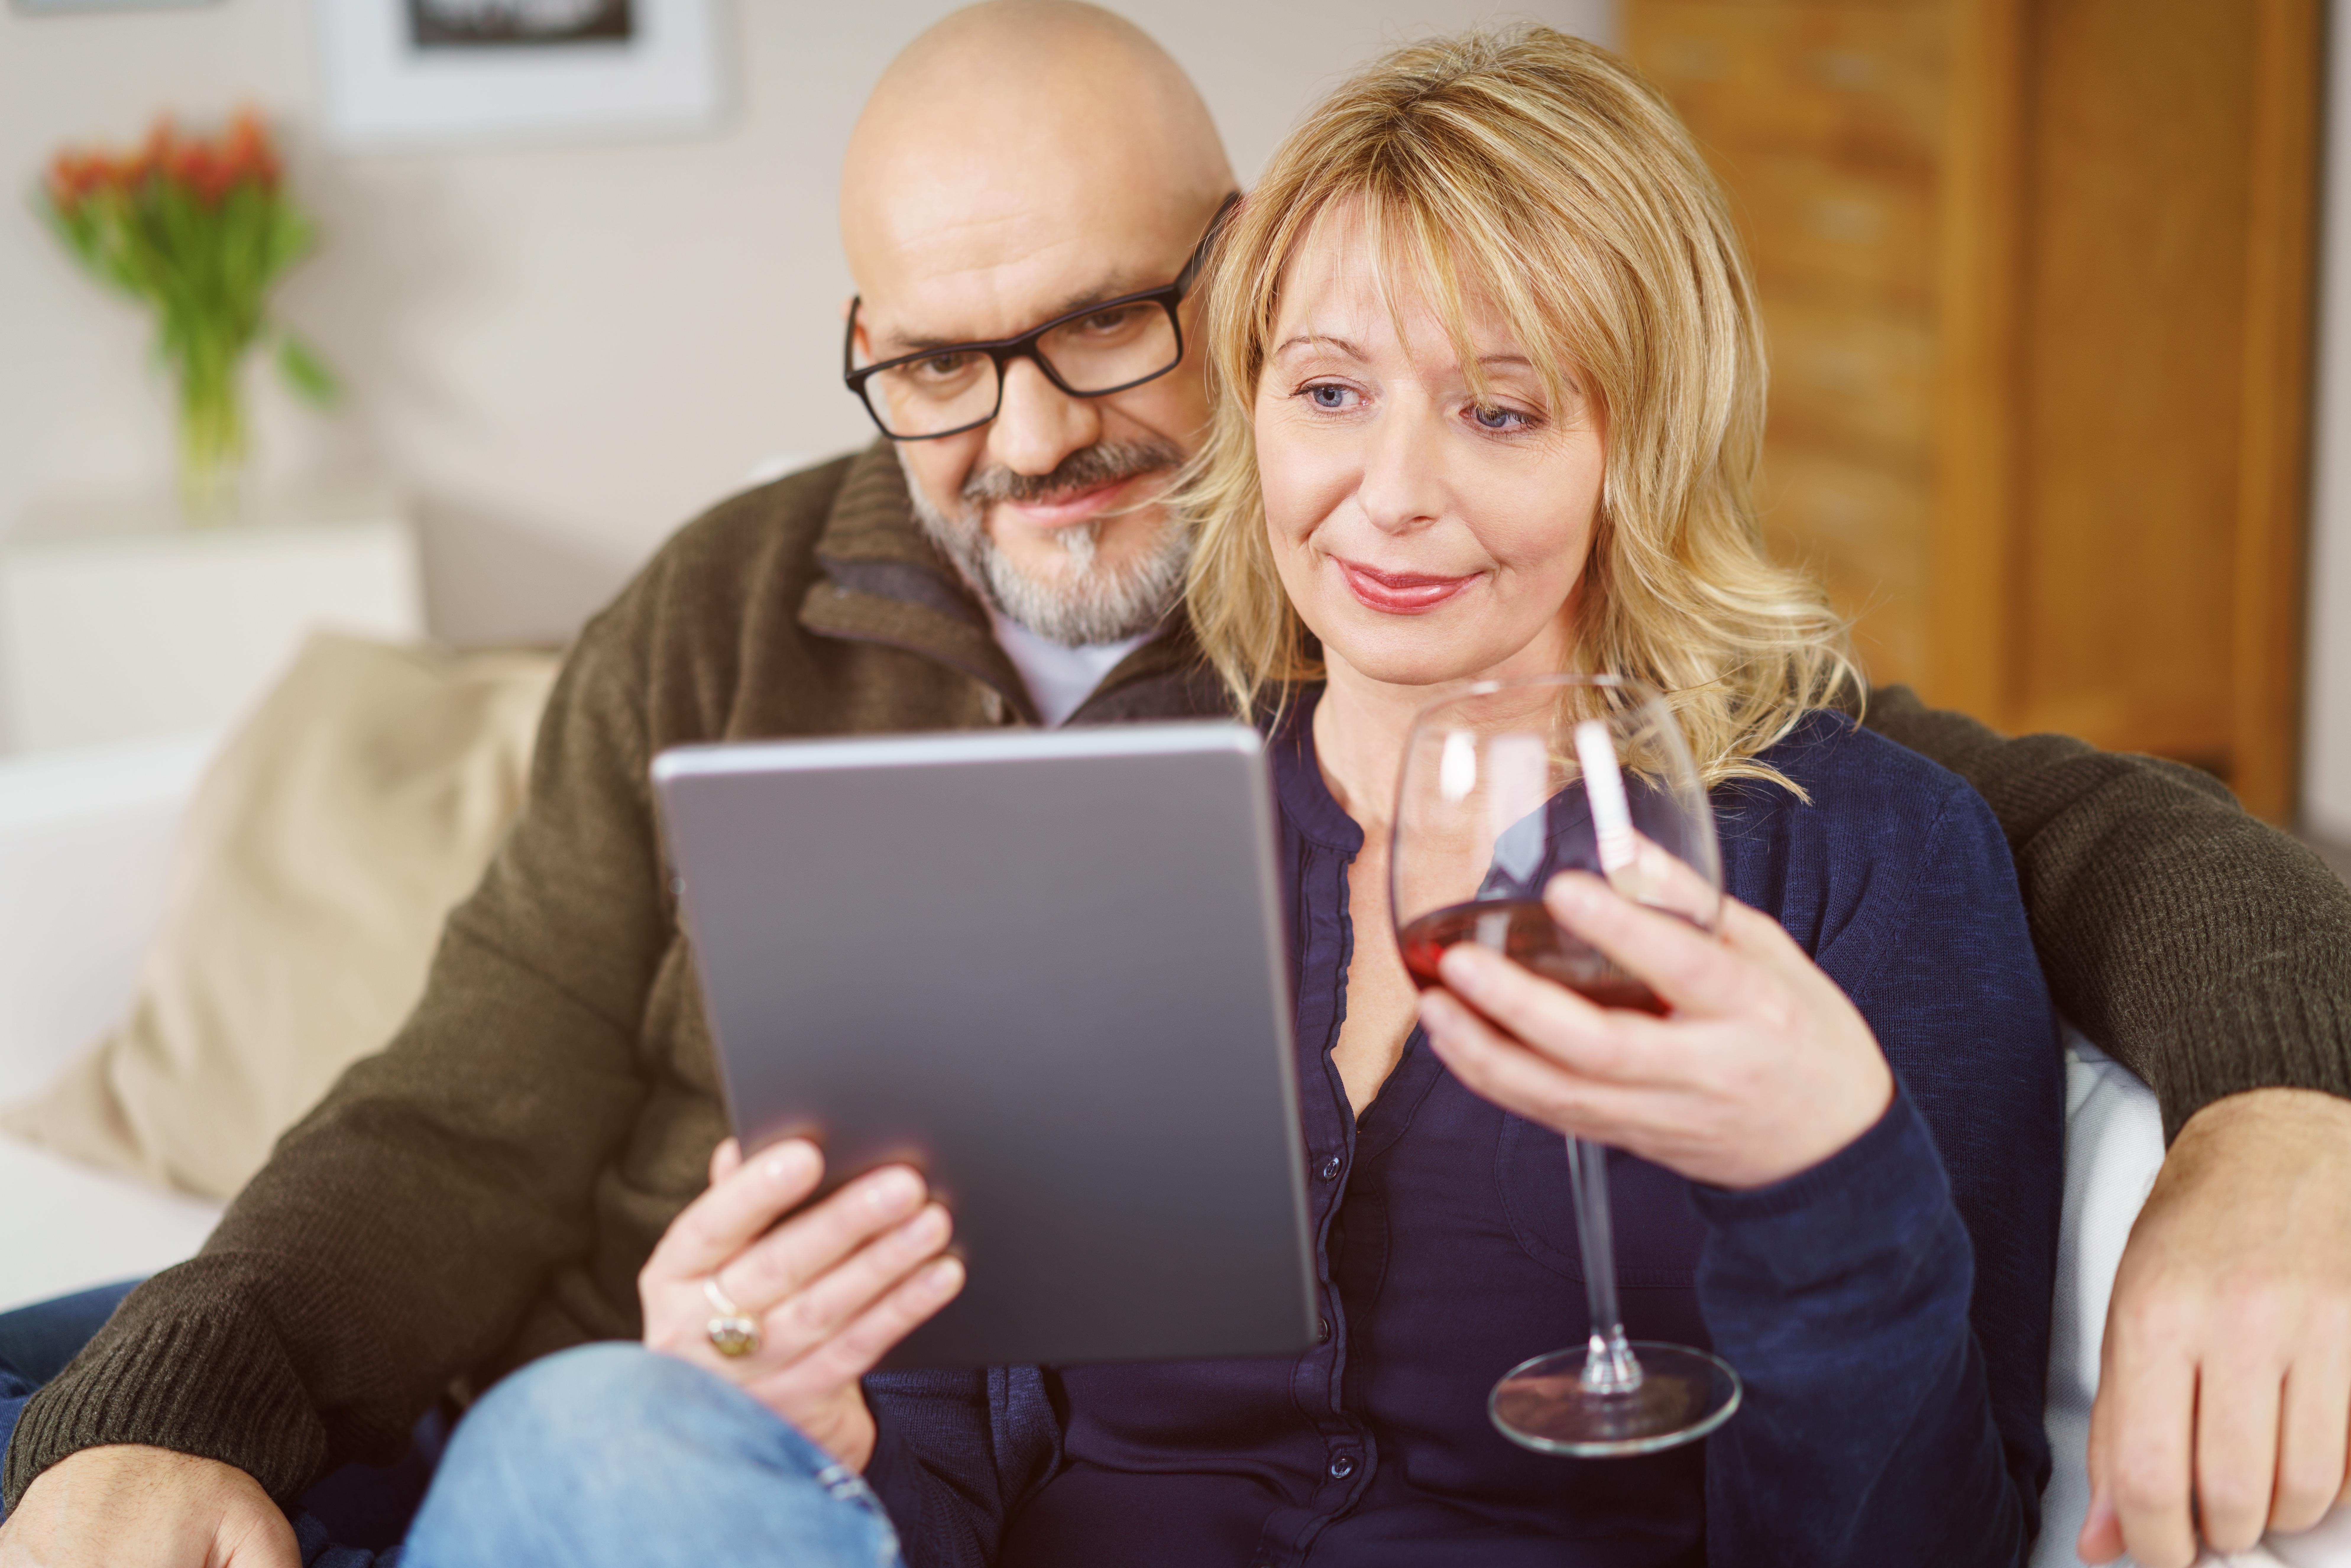 Vardagsdrickandet har blivit allt mer accepterat hos kvinnor över 45 år visar en årlig undersökning från organisationen IQ.